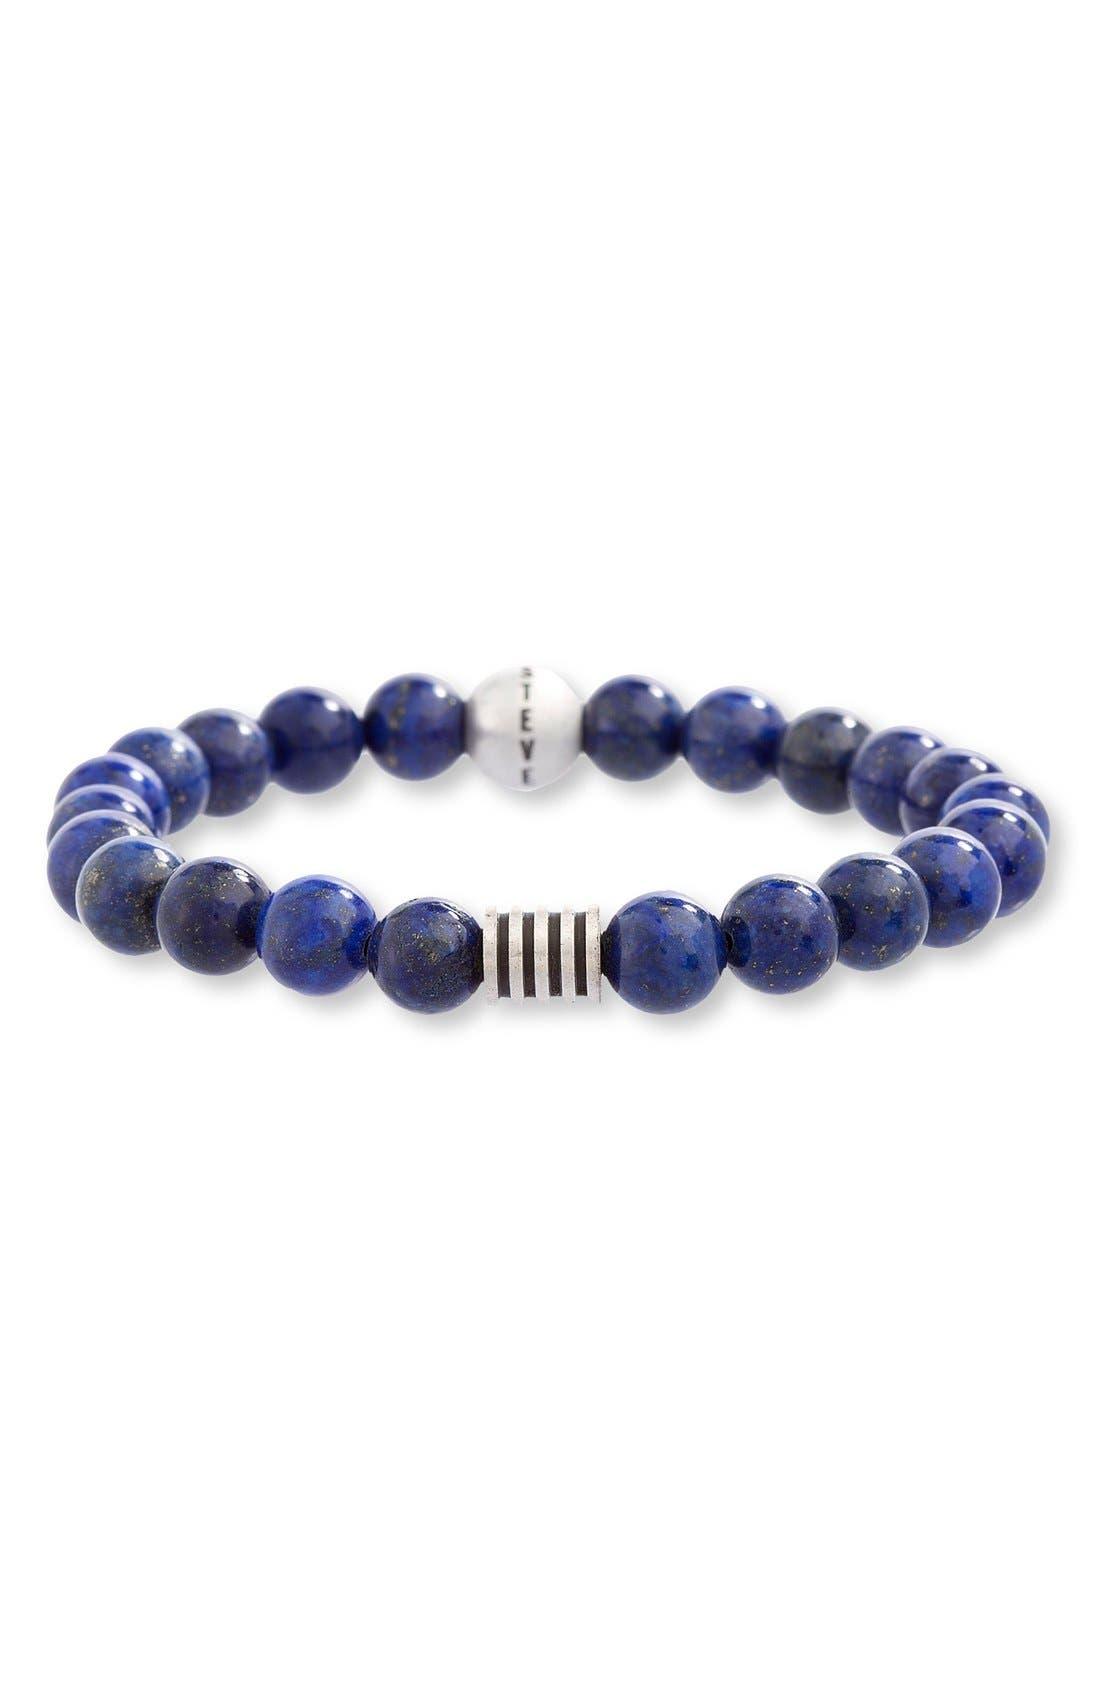 Lapis Lazuli Bead Bracelet,                         Main,                         color,